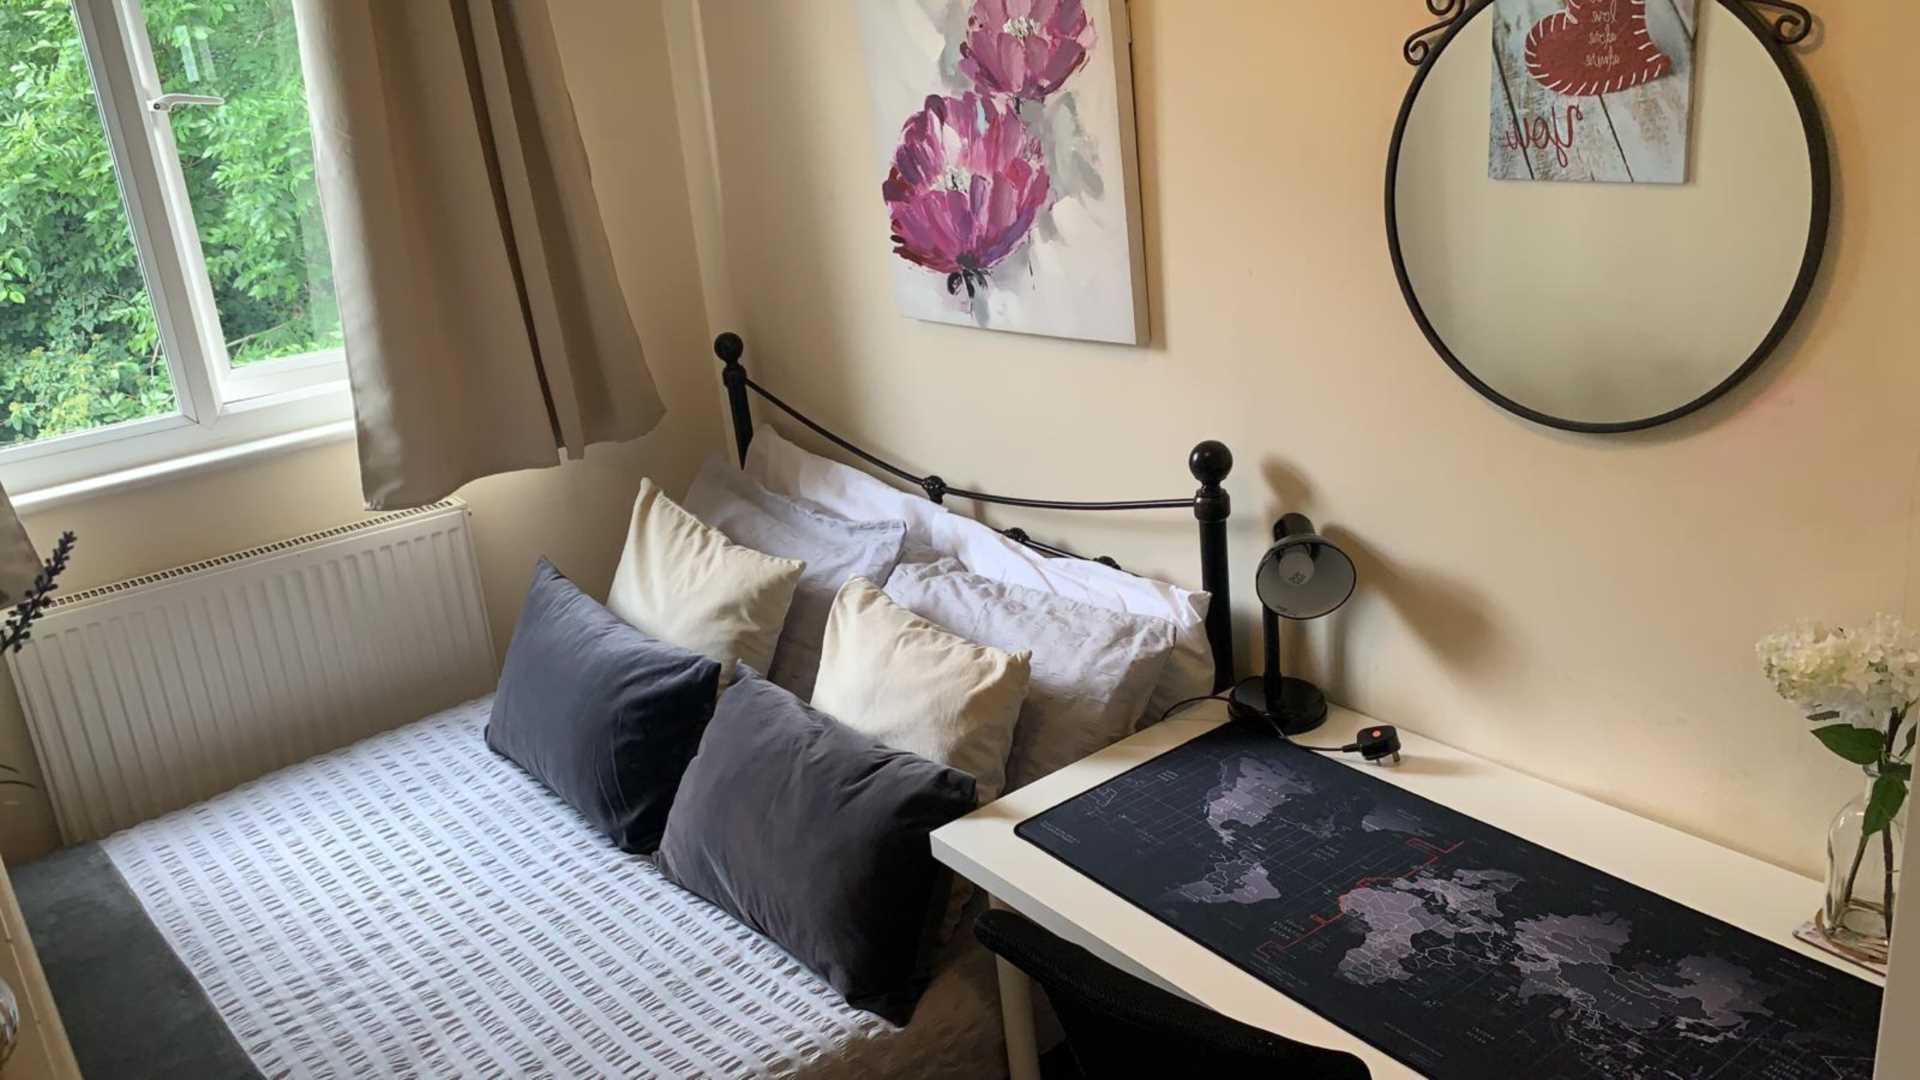 Room 4, 1 Windsor Close, Onslow Village, Guildford, GU2 7QU, Image 2